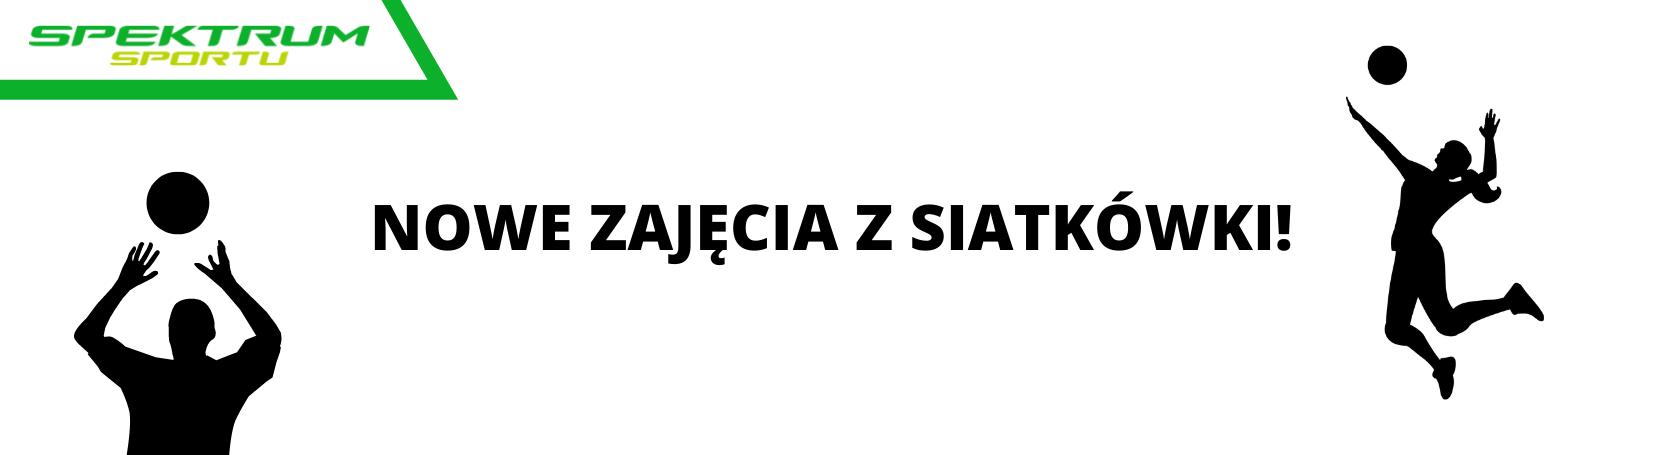 ZAJĘCIA-Z-STAKOWKI-LEGIONOWO